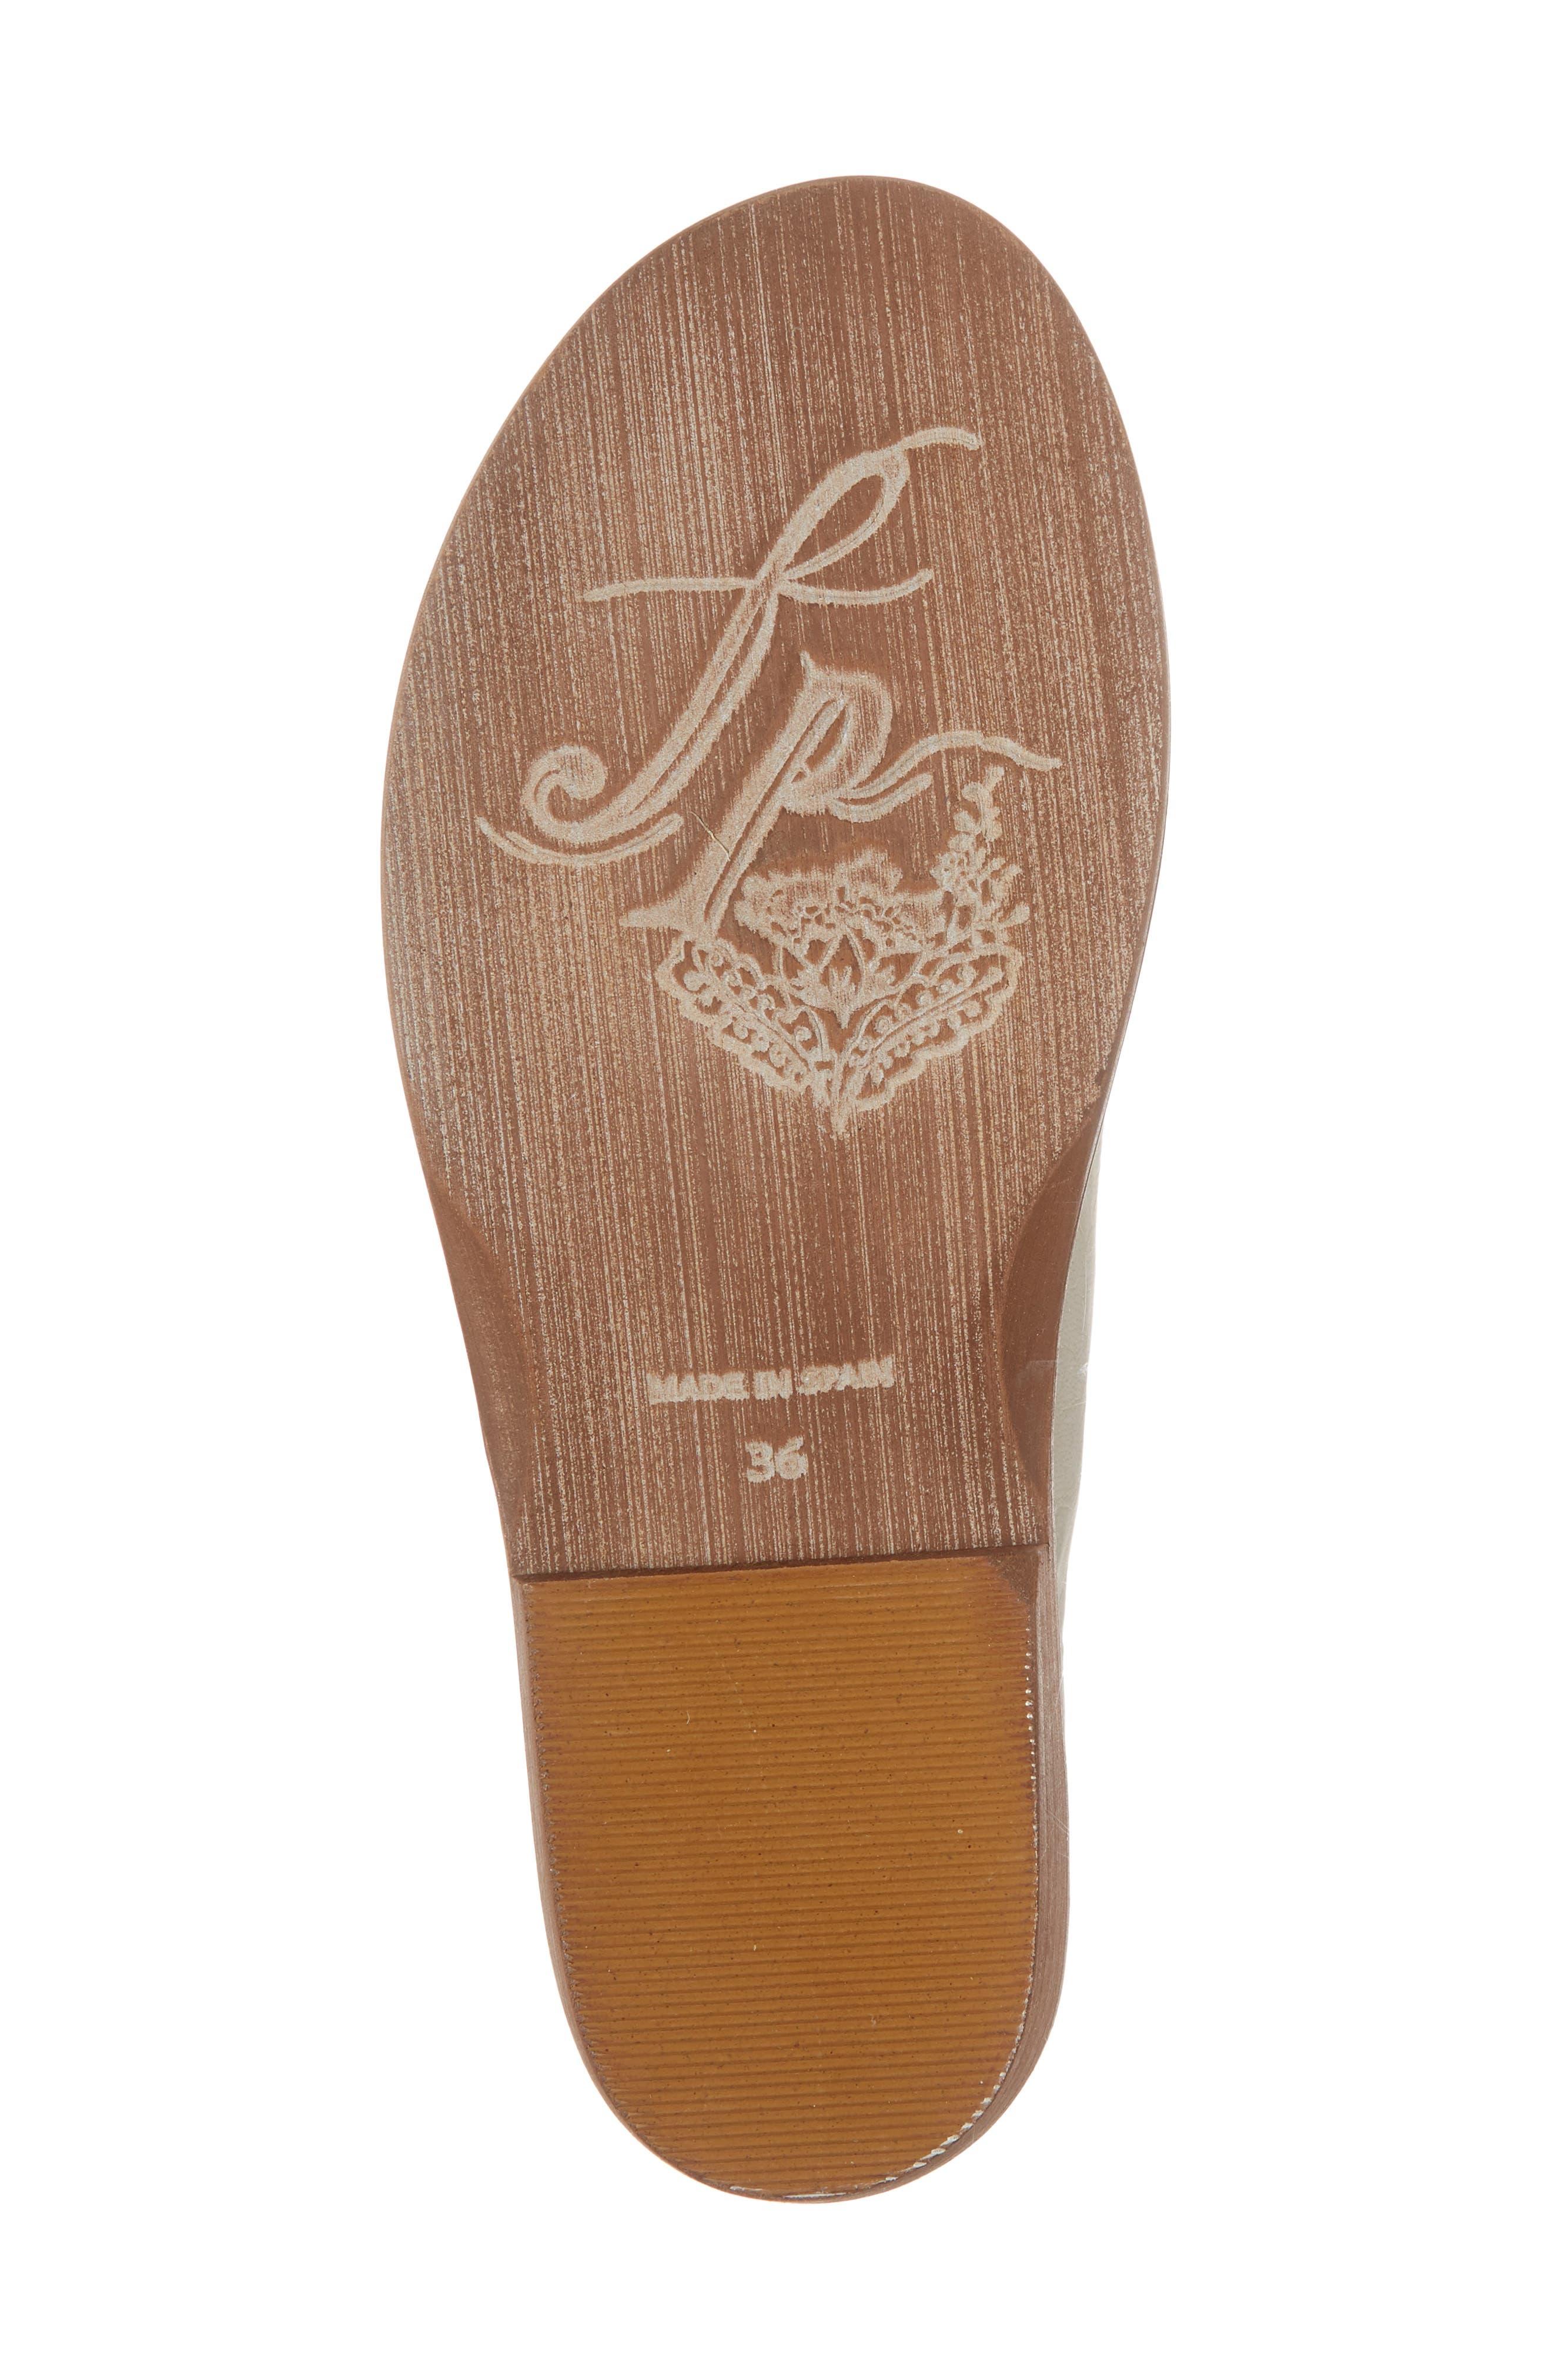 Palms Lace-Up Bootie Sandal,                             Alternate thumbnail 6, color,                             230